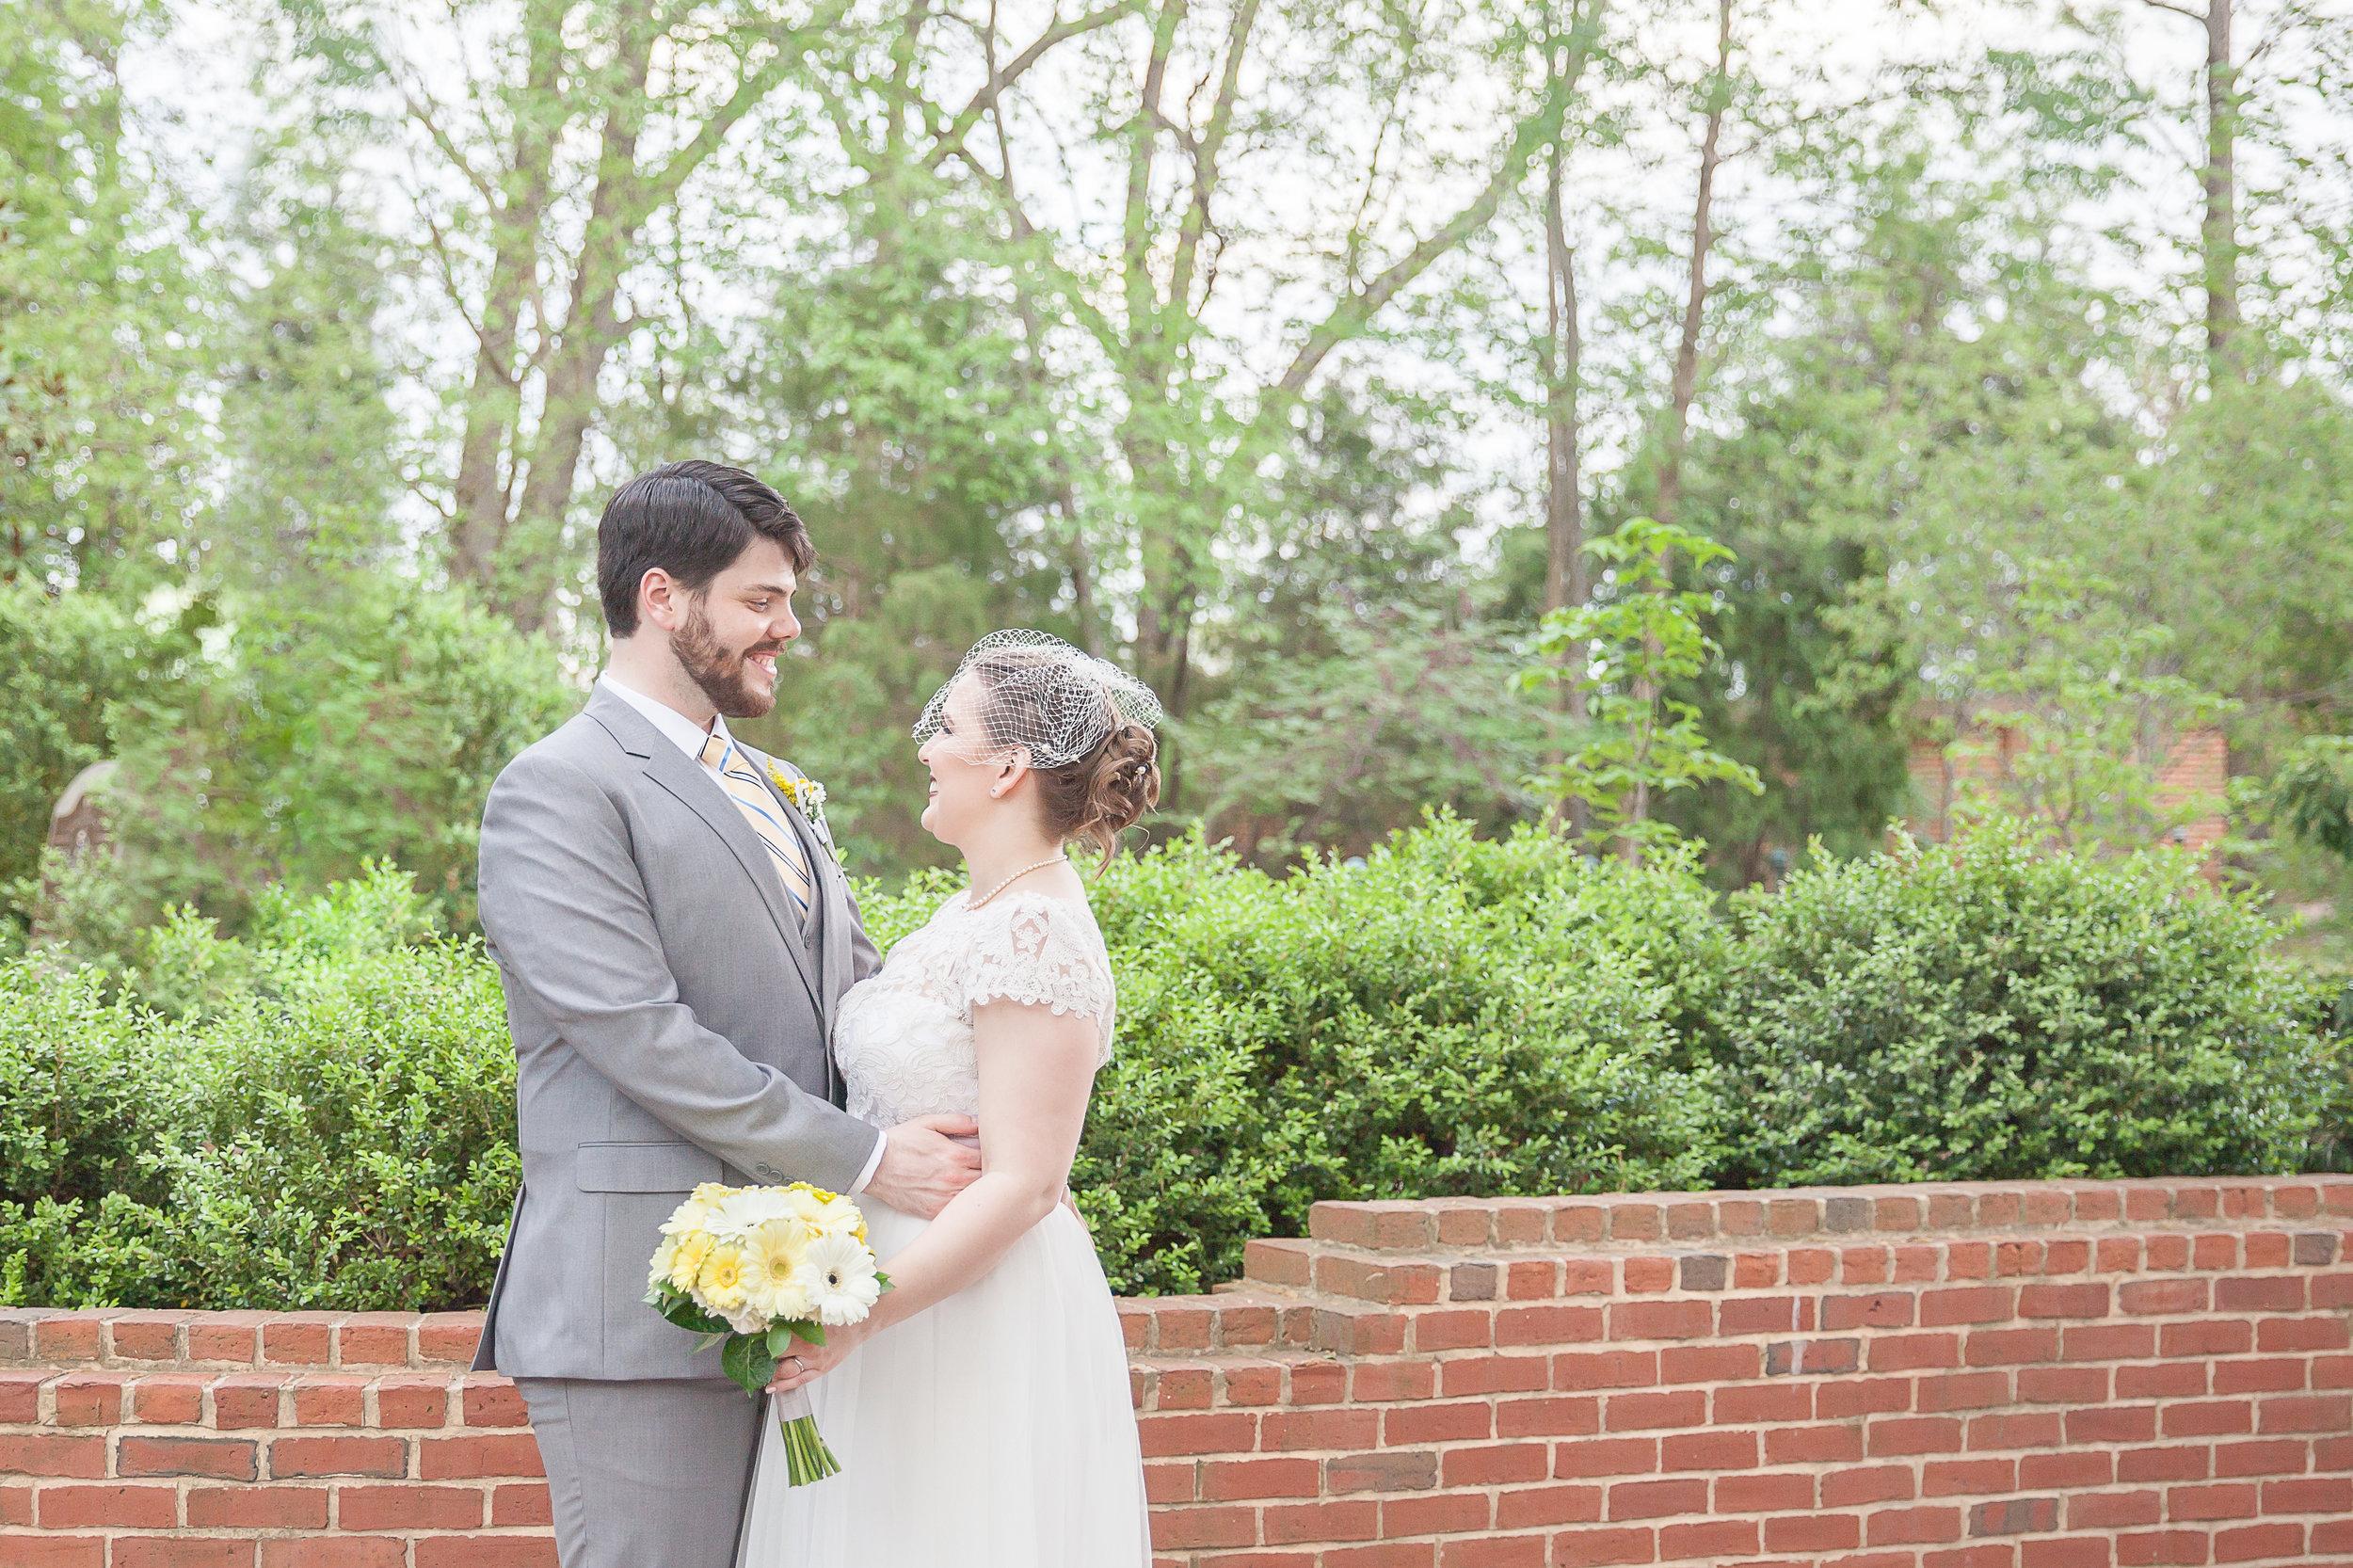 K-S-Wedding-Kim-Pham-Clark-Photography-302.jpg